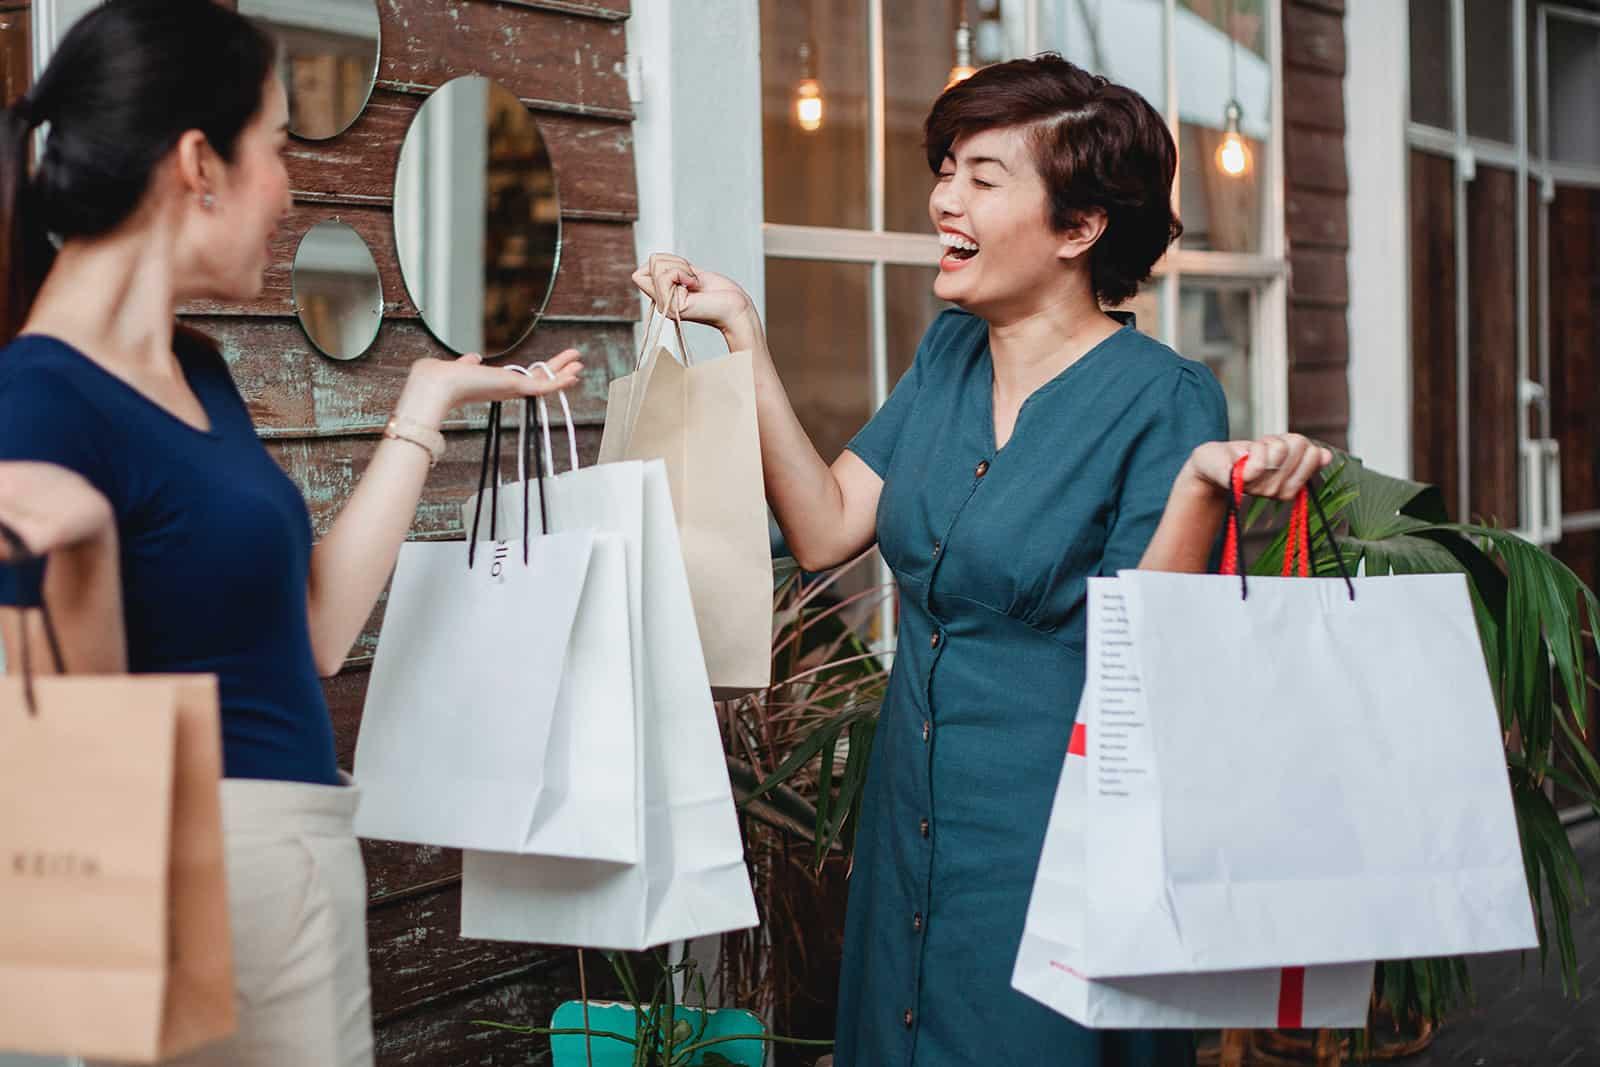 zwei glückliche Freundinnen, die Einkaufstaschen halten, während sie vor dem Haus stehen